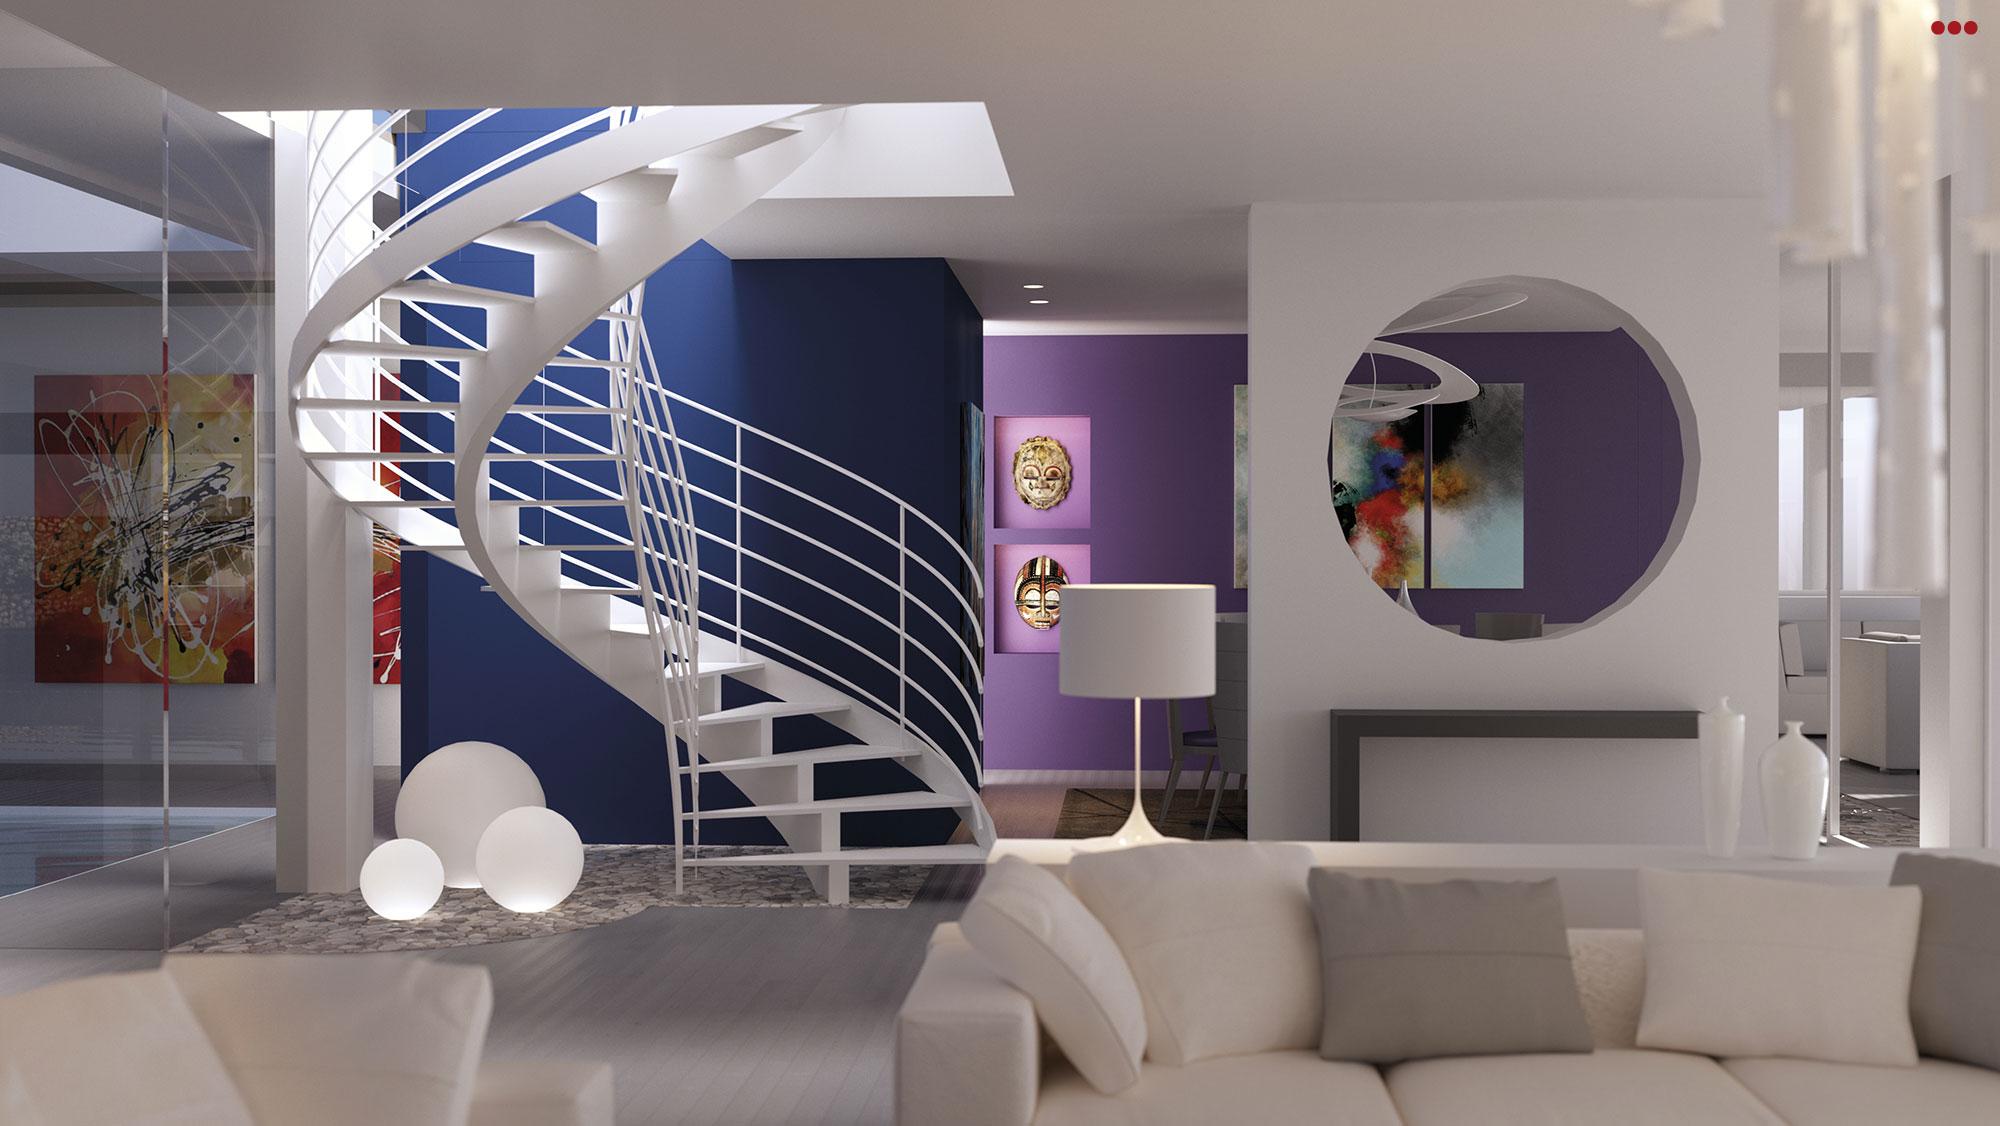 3D Studio Bartolini Villa Pemba progettazione rendering architettura grafica 8